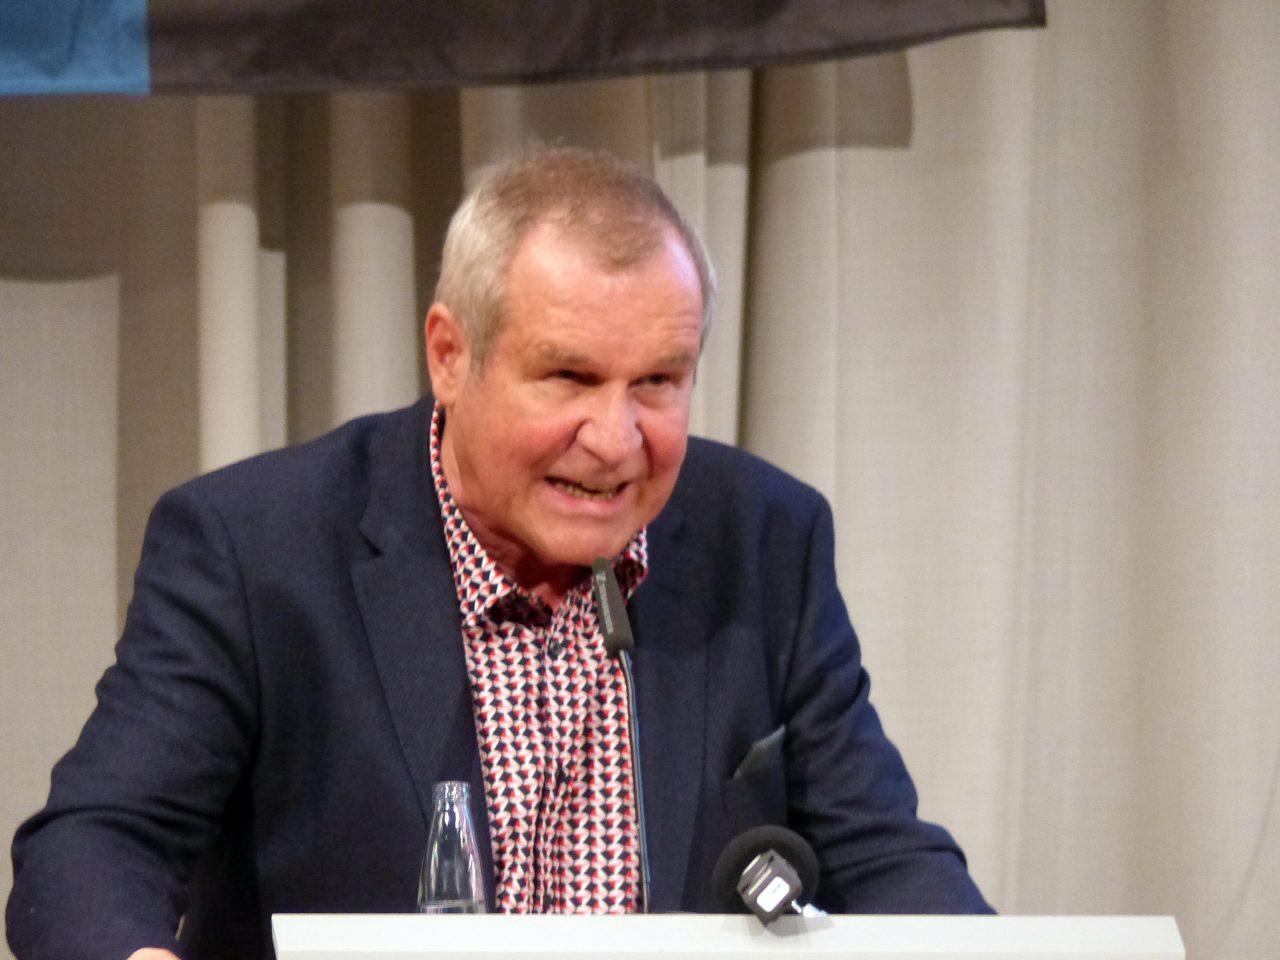 Rolf Gergen kam nicht gut an. Nachdem er bereits bei der Wahl des 1. Vorsitzenden viele Worte gefunden hatte, um dann nicht anzutreten, sanken seine Aktien rapide: Er bekam das schlechteste Ergebnis.